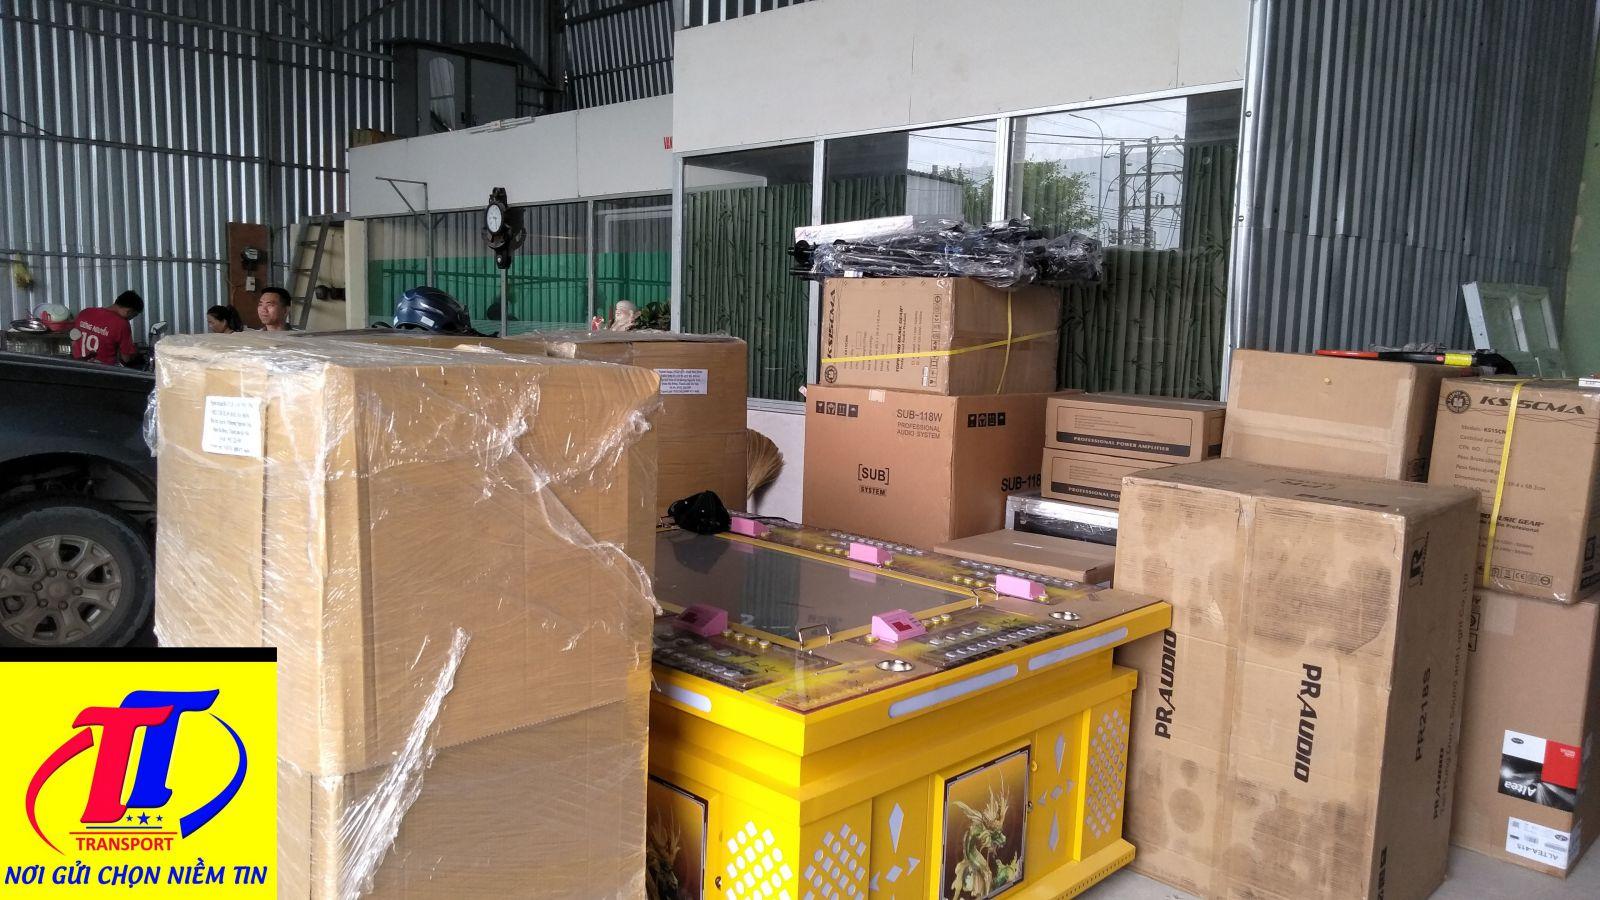 hang-hoa-van-chuyen-container-lanh